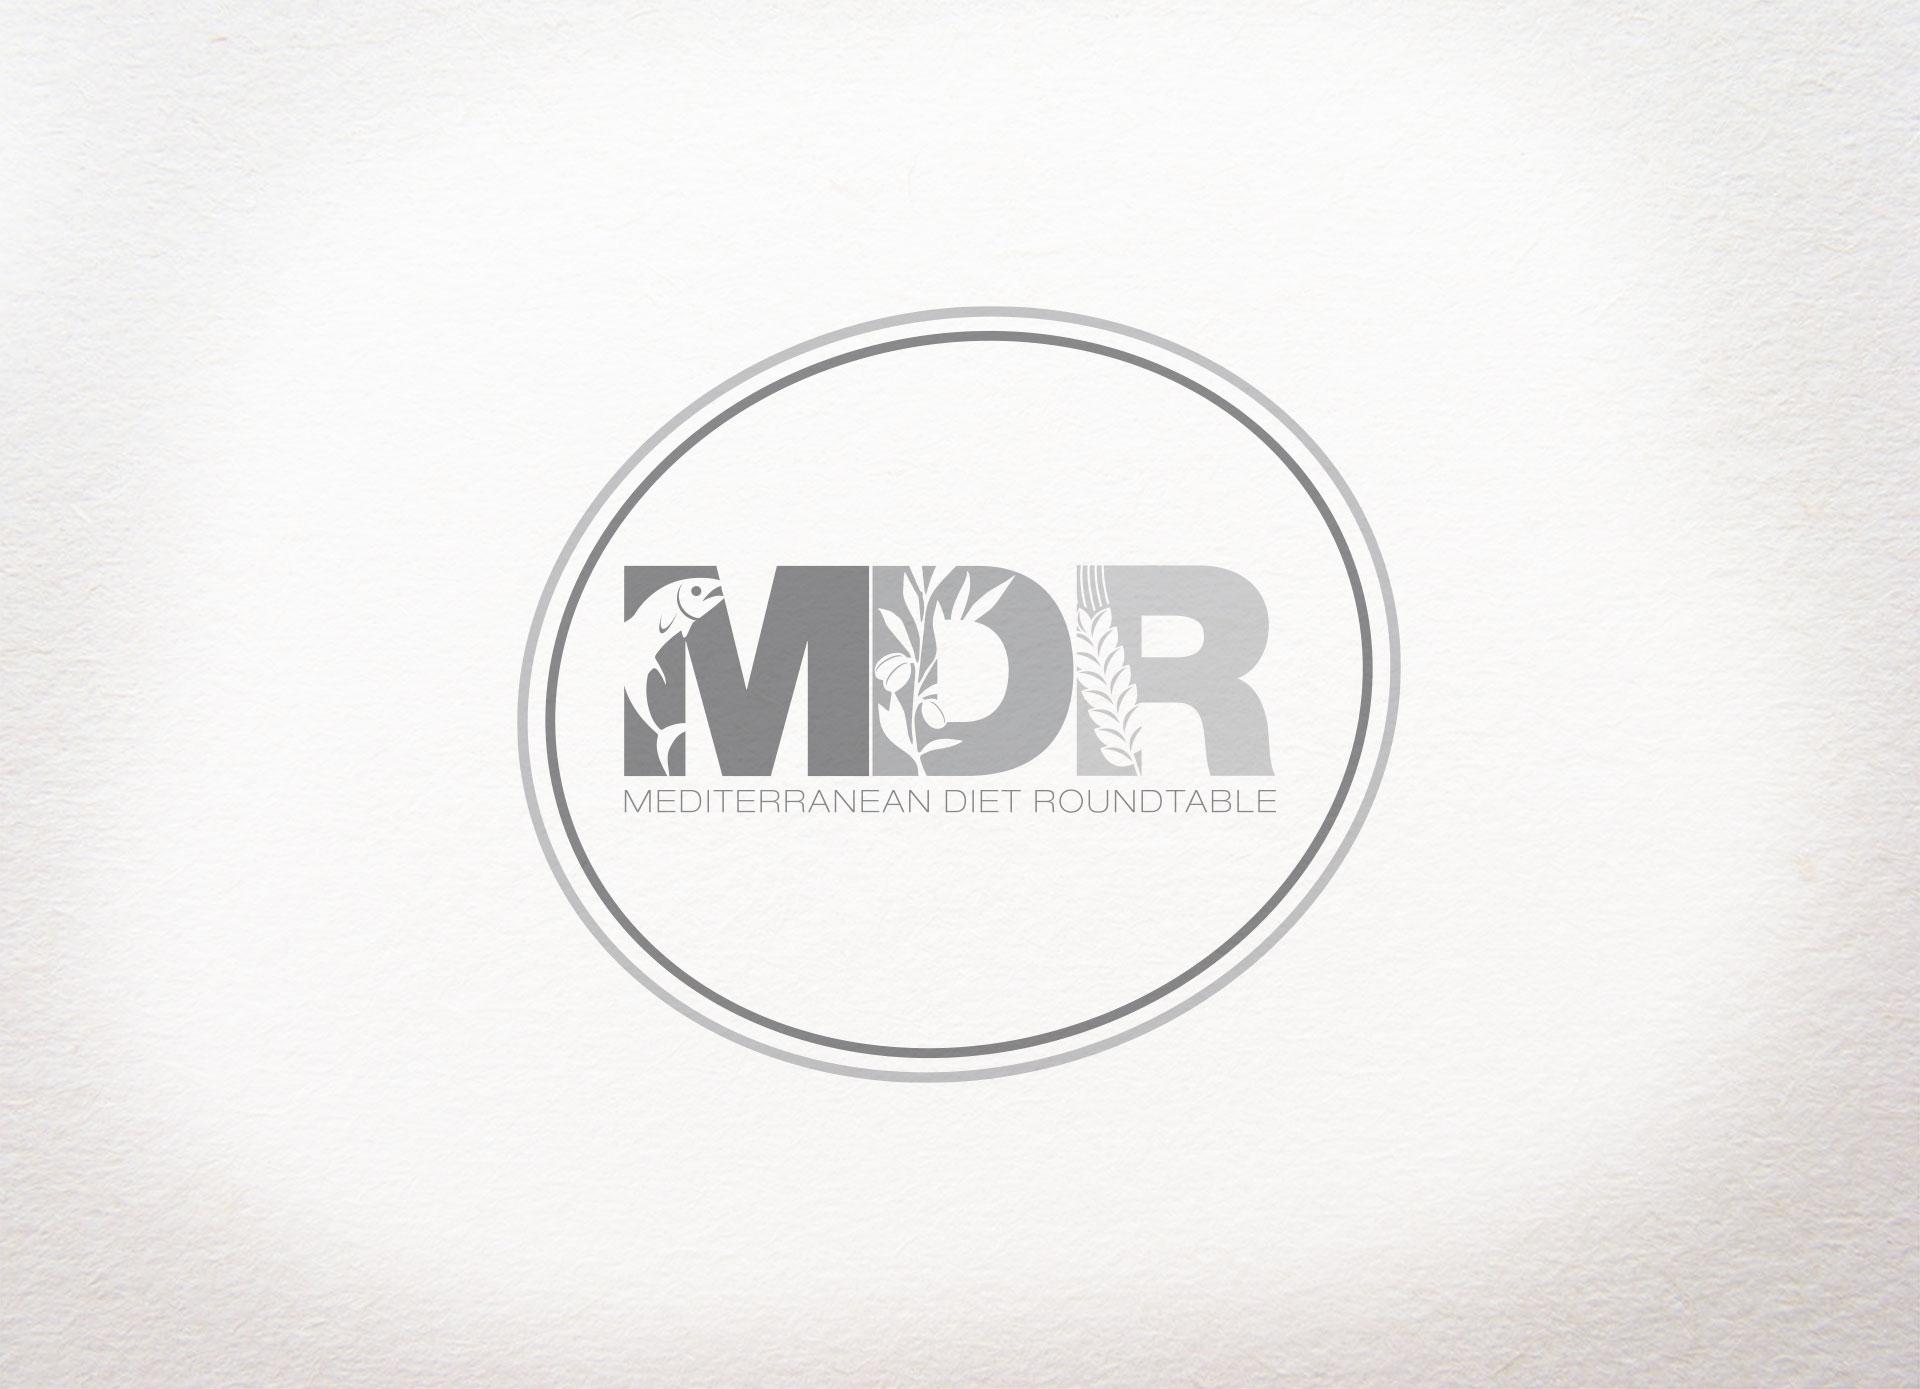 Logo design, web design, corporate identity, visual identity per Mediterranean Diet Roundtable realizzato da Grafica Manent